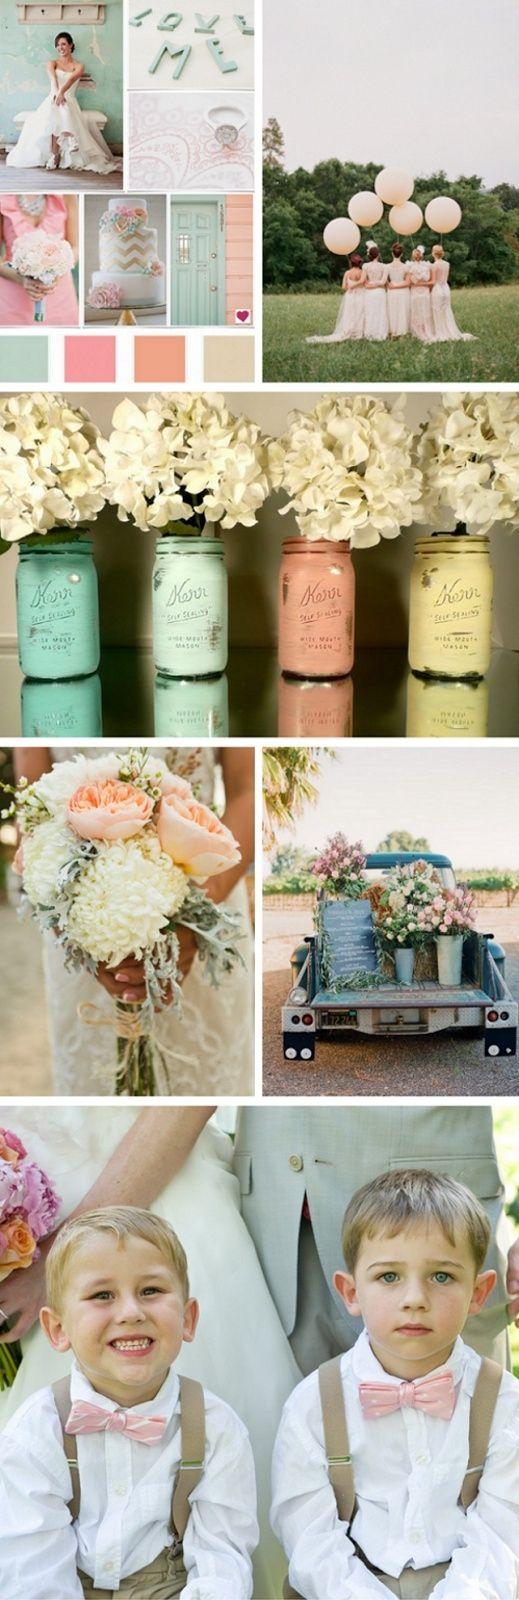 Wir nähen für Ihre Hochzeit übrigens auch #Knabenfliegen in mehr als 30 Farben, sieht einfach super aus